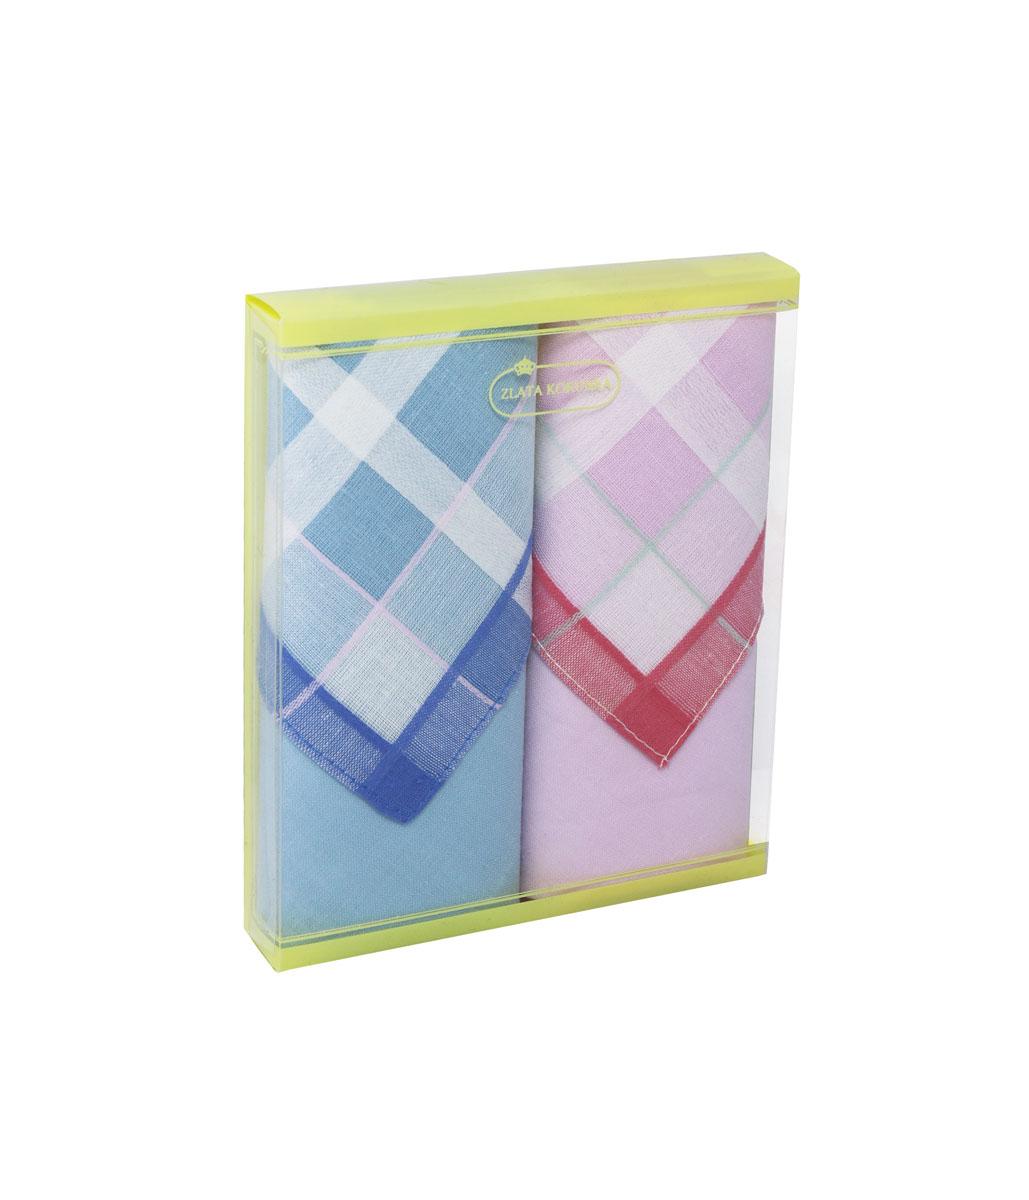 71225-3 Zlata Korunka Носовой платок женский, цвет: мультиколор, 34х34 см, 2 шт71225-3Платки носовые женские в упаковке по 2 шт. Носовые платки изготовлены из 100% хлопка, так как этот материал приятен в использовании, хорошо стирается, не садится, отлично впитывает влагу.